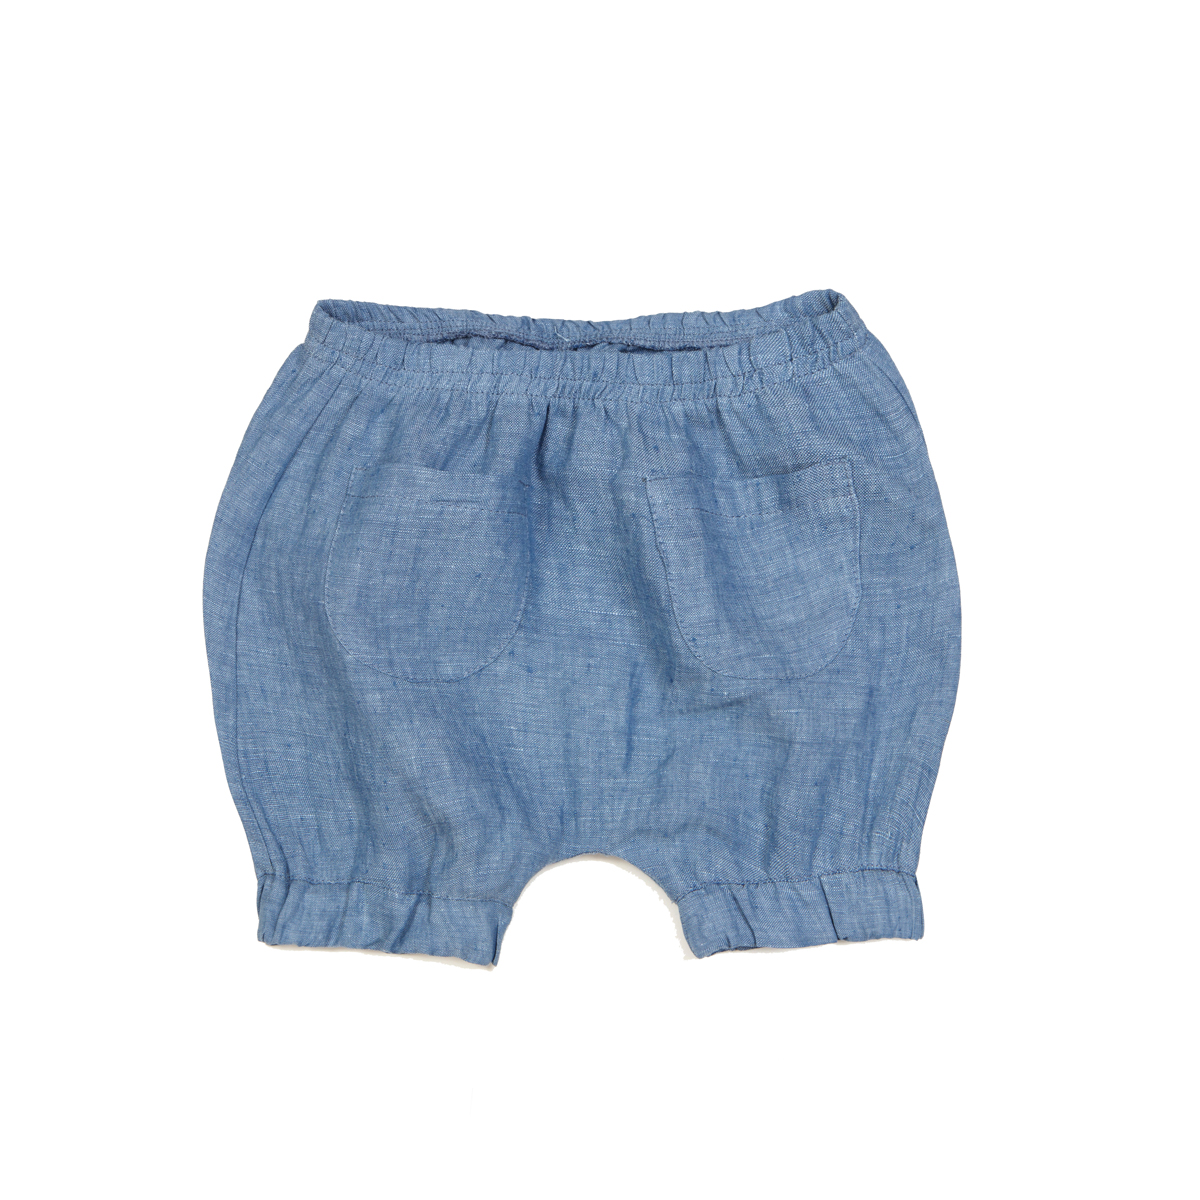 81d06854 Huttelihut shorts / bloomer til jente, dusty rose - DressMyKid AS